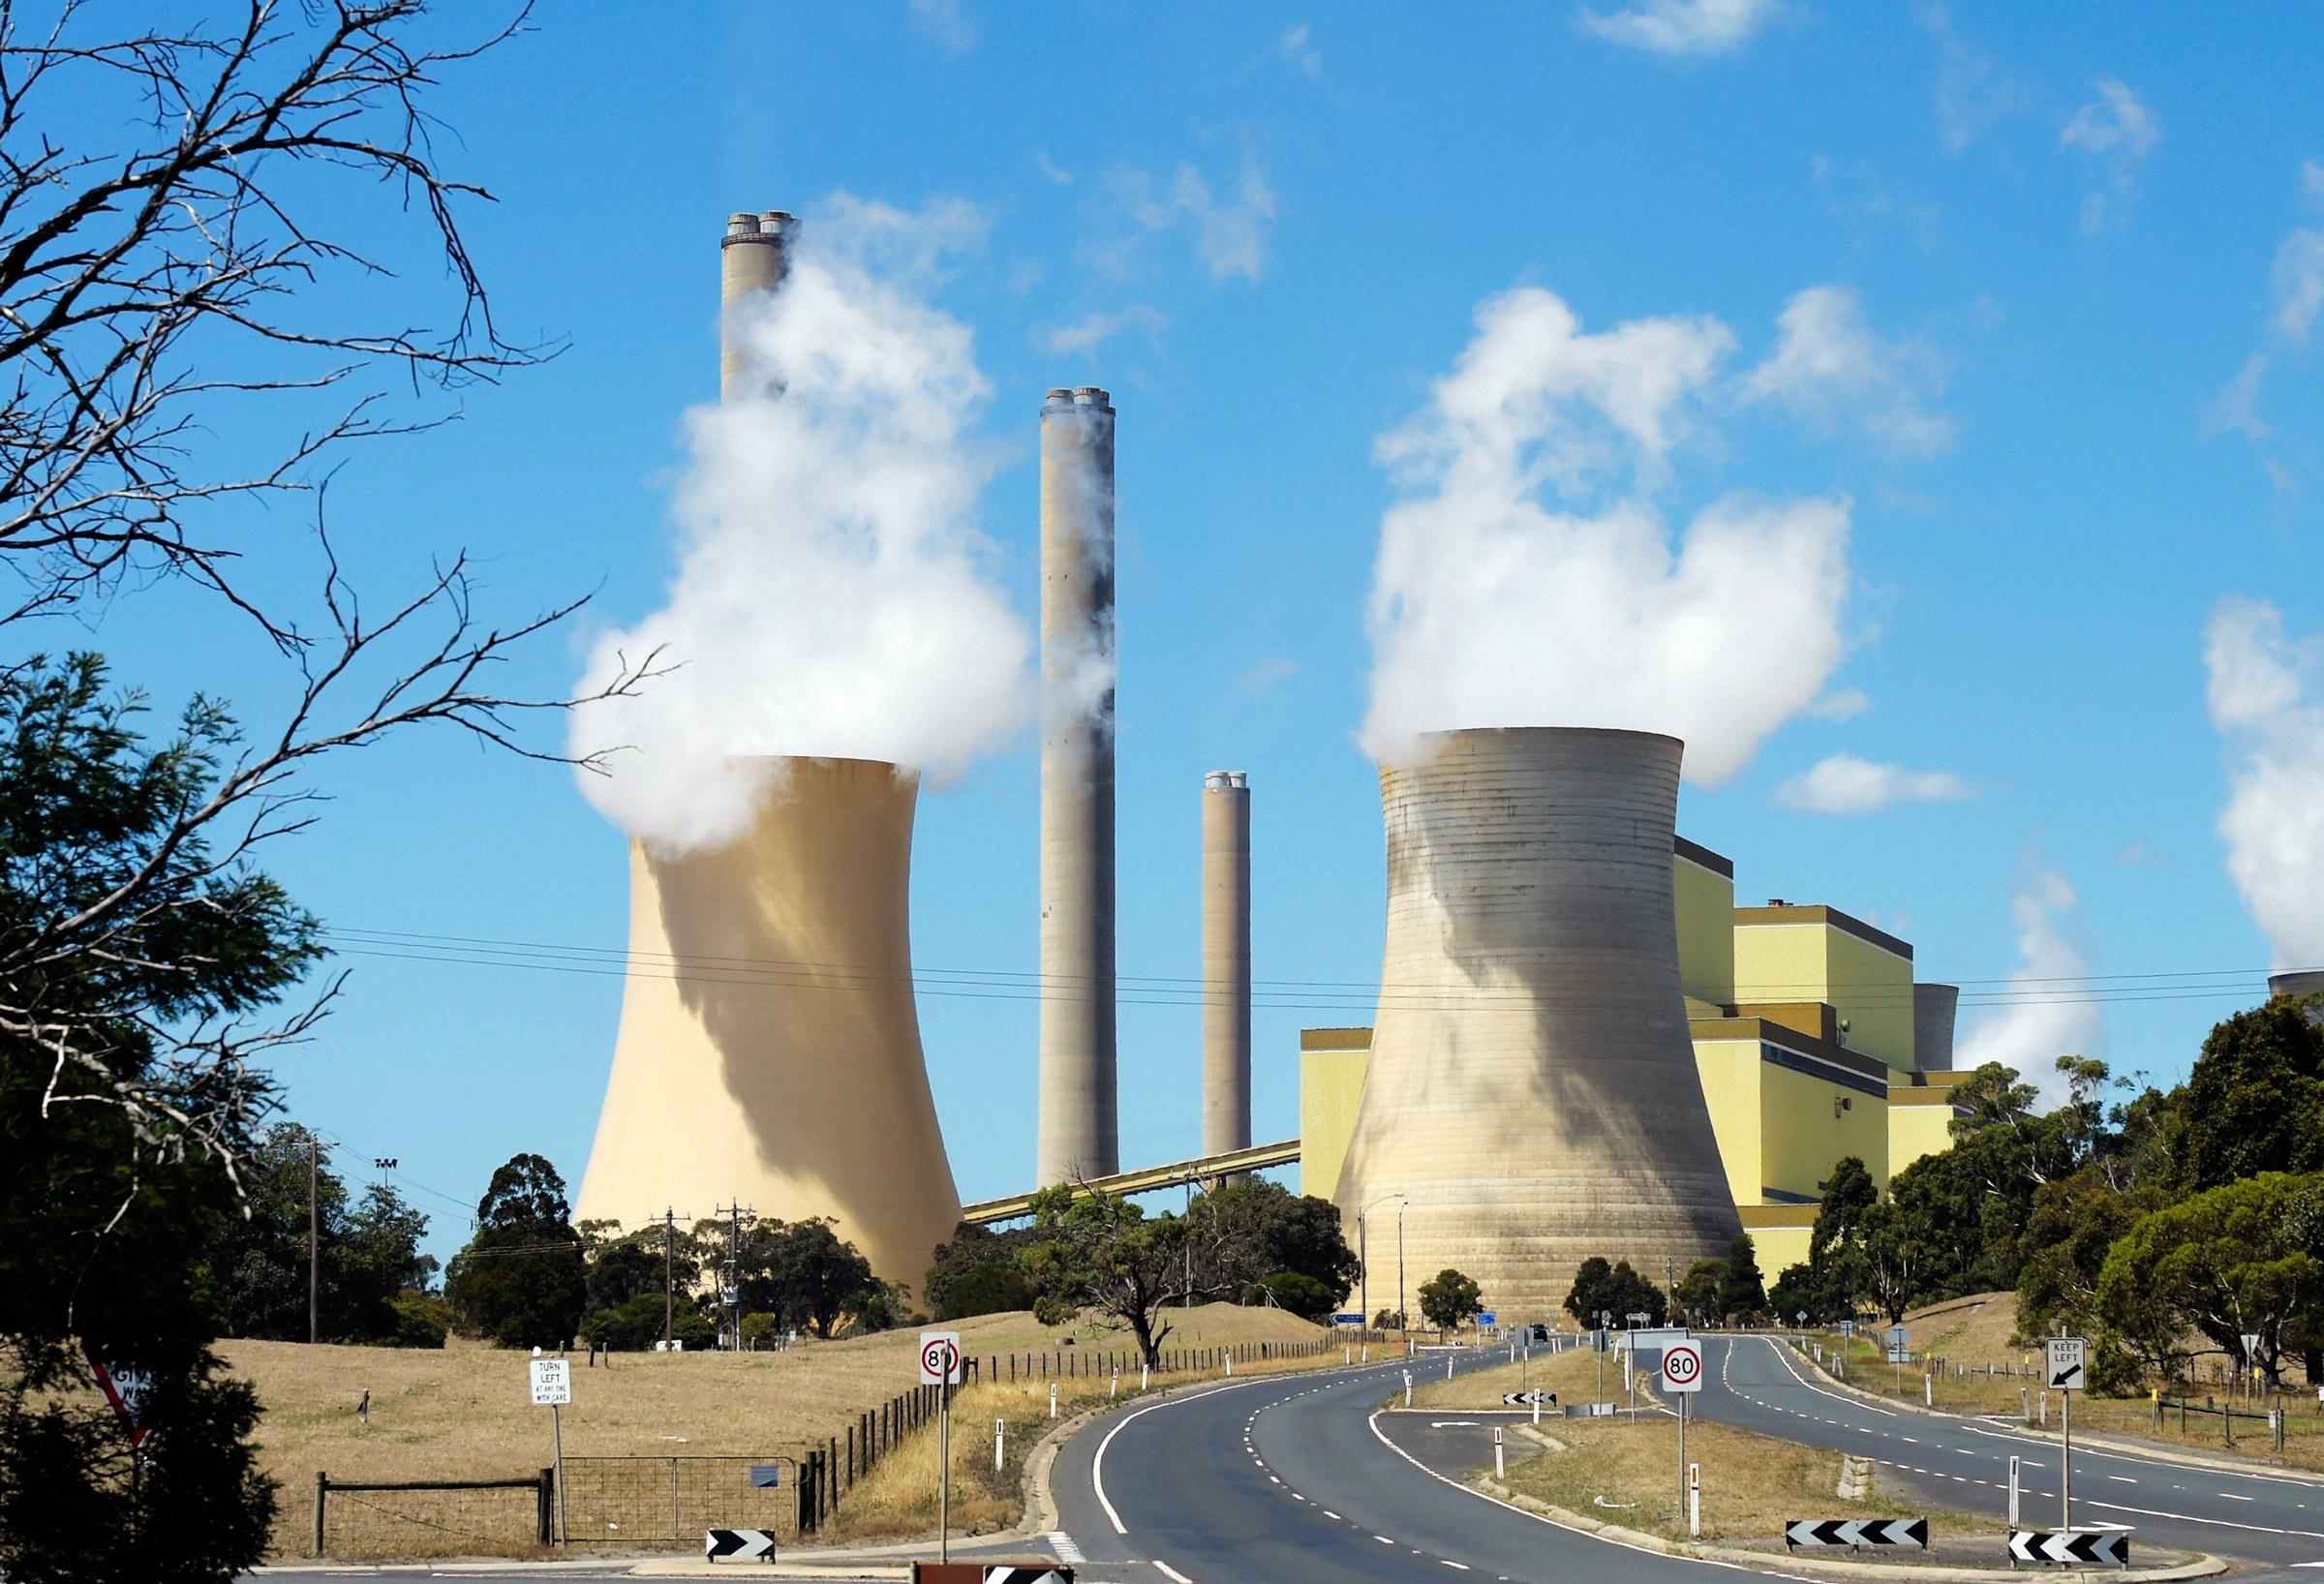 Giảm thiểu lượng phát thải cần hành động sớm và kiên quyết